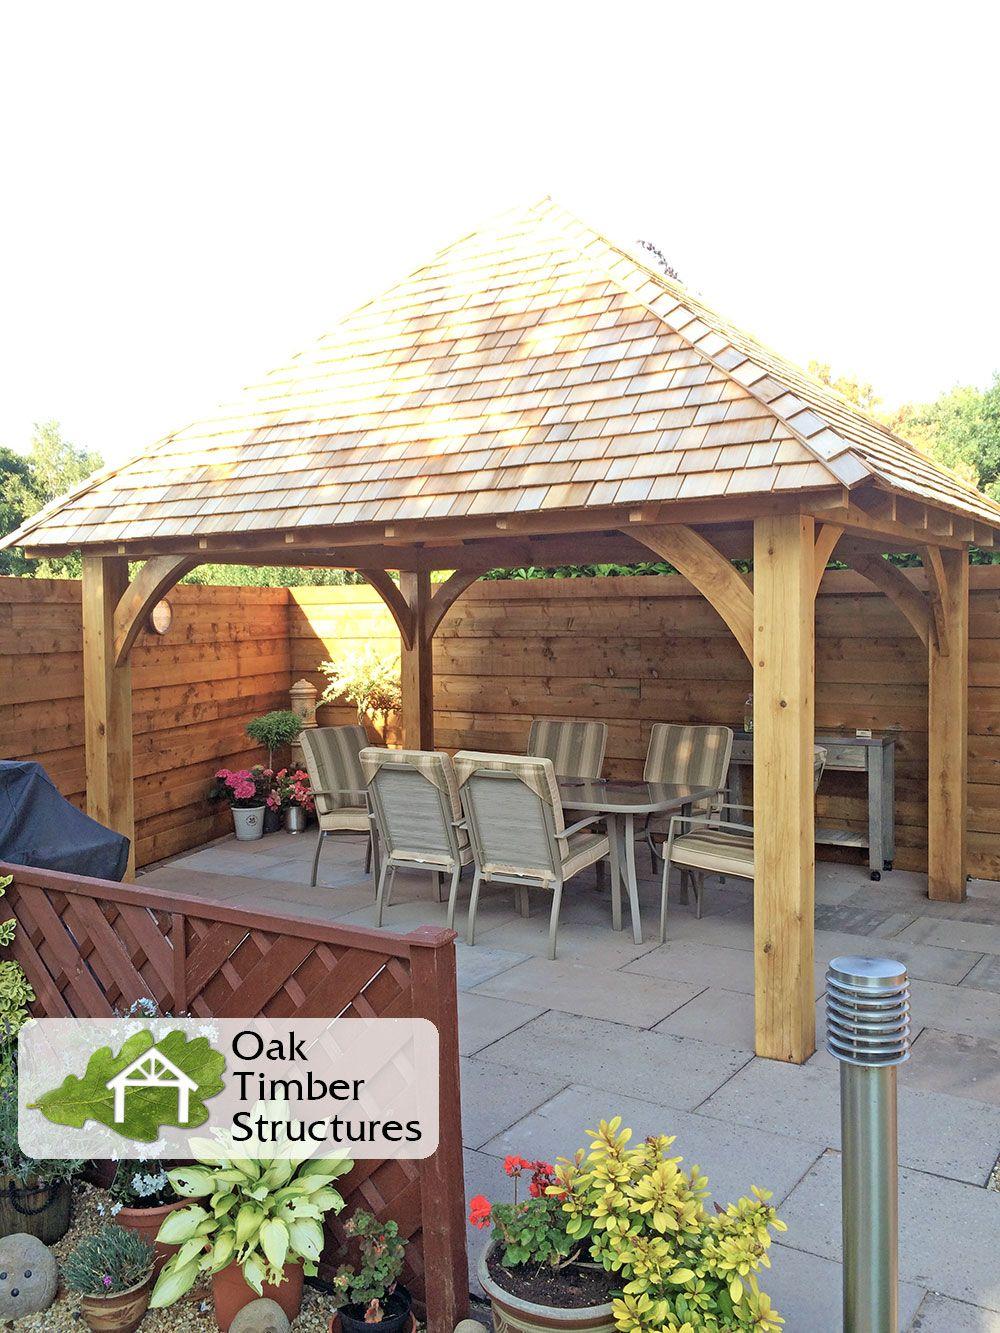 Solid Oak Framed Gazebo With Cedar Shingle Roof Supplied In Kit Form By Oak Timber Structures Size I Wooden Garden Buildings Backyard Renovations Oak Gazebo